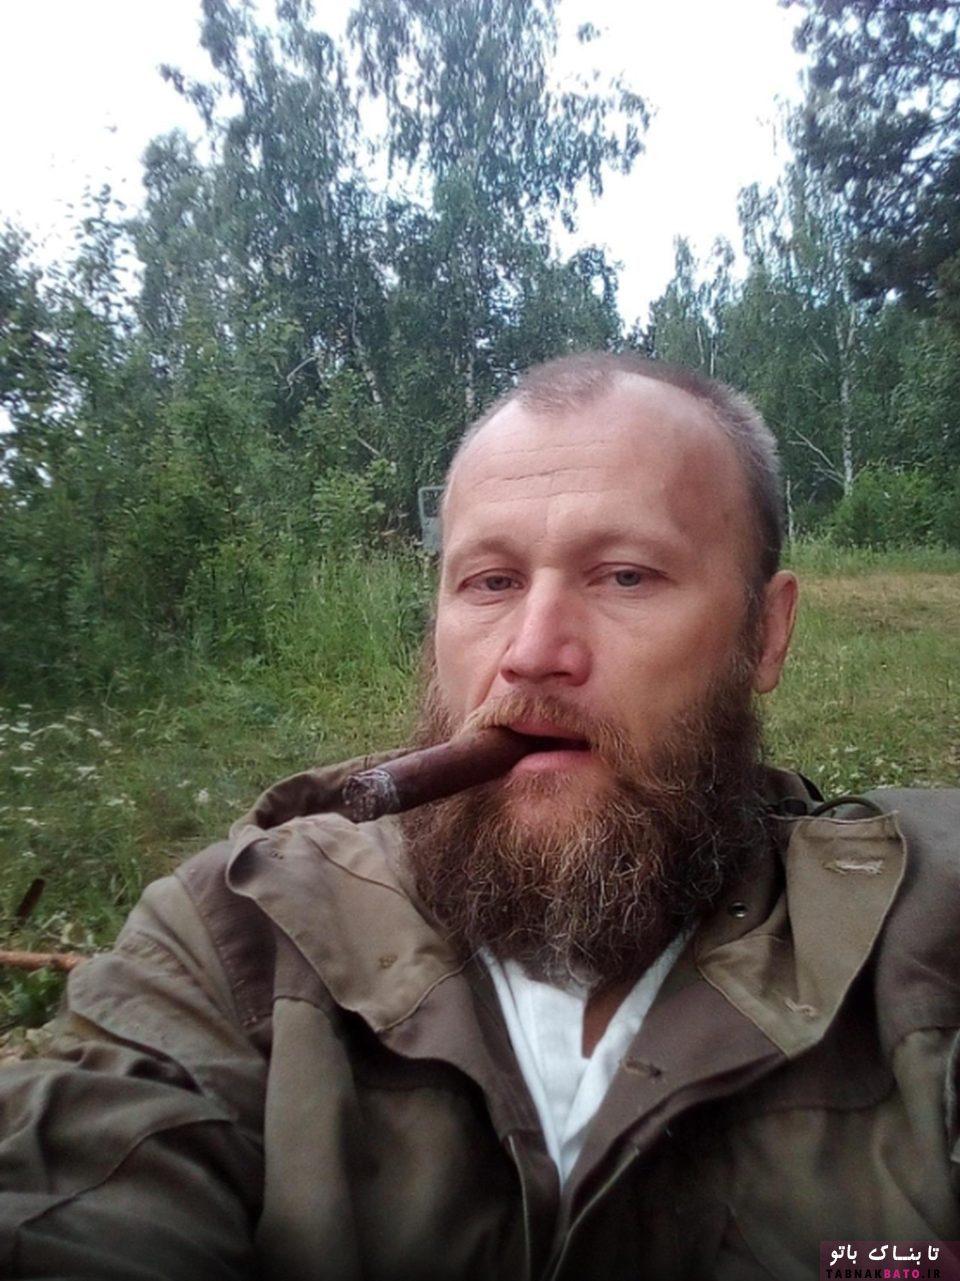 عاقبت تلخ اعتماد مرد روسی به خرس